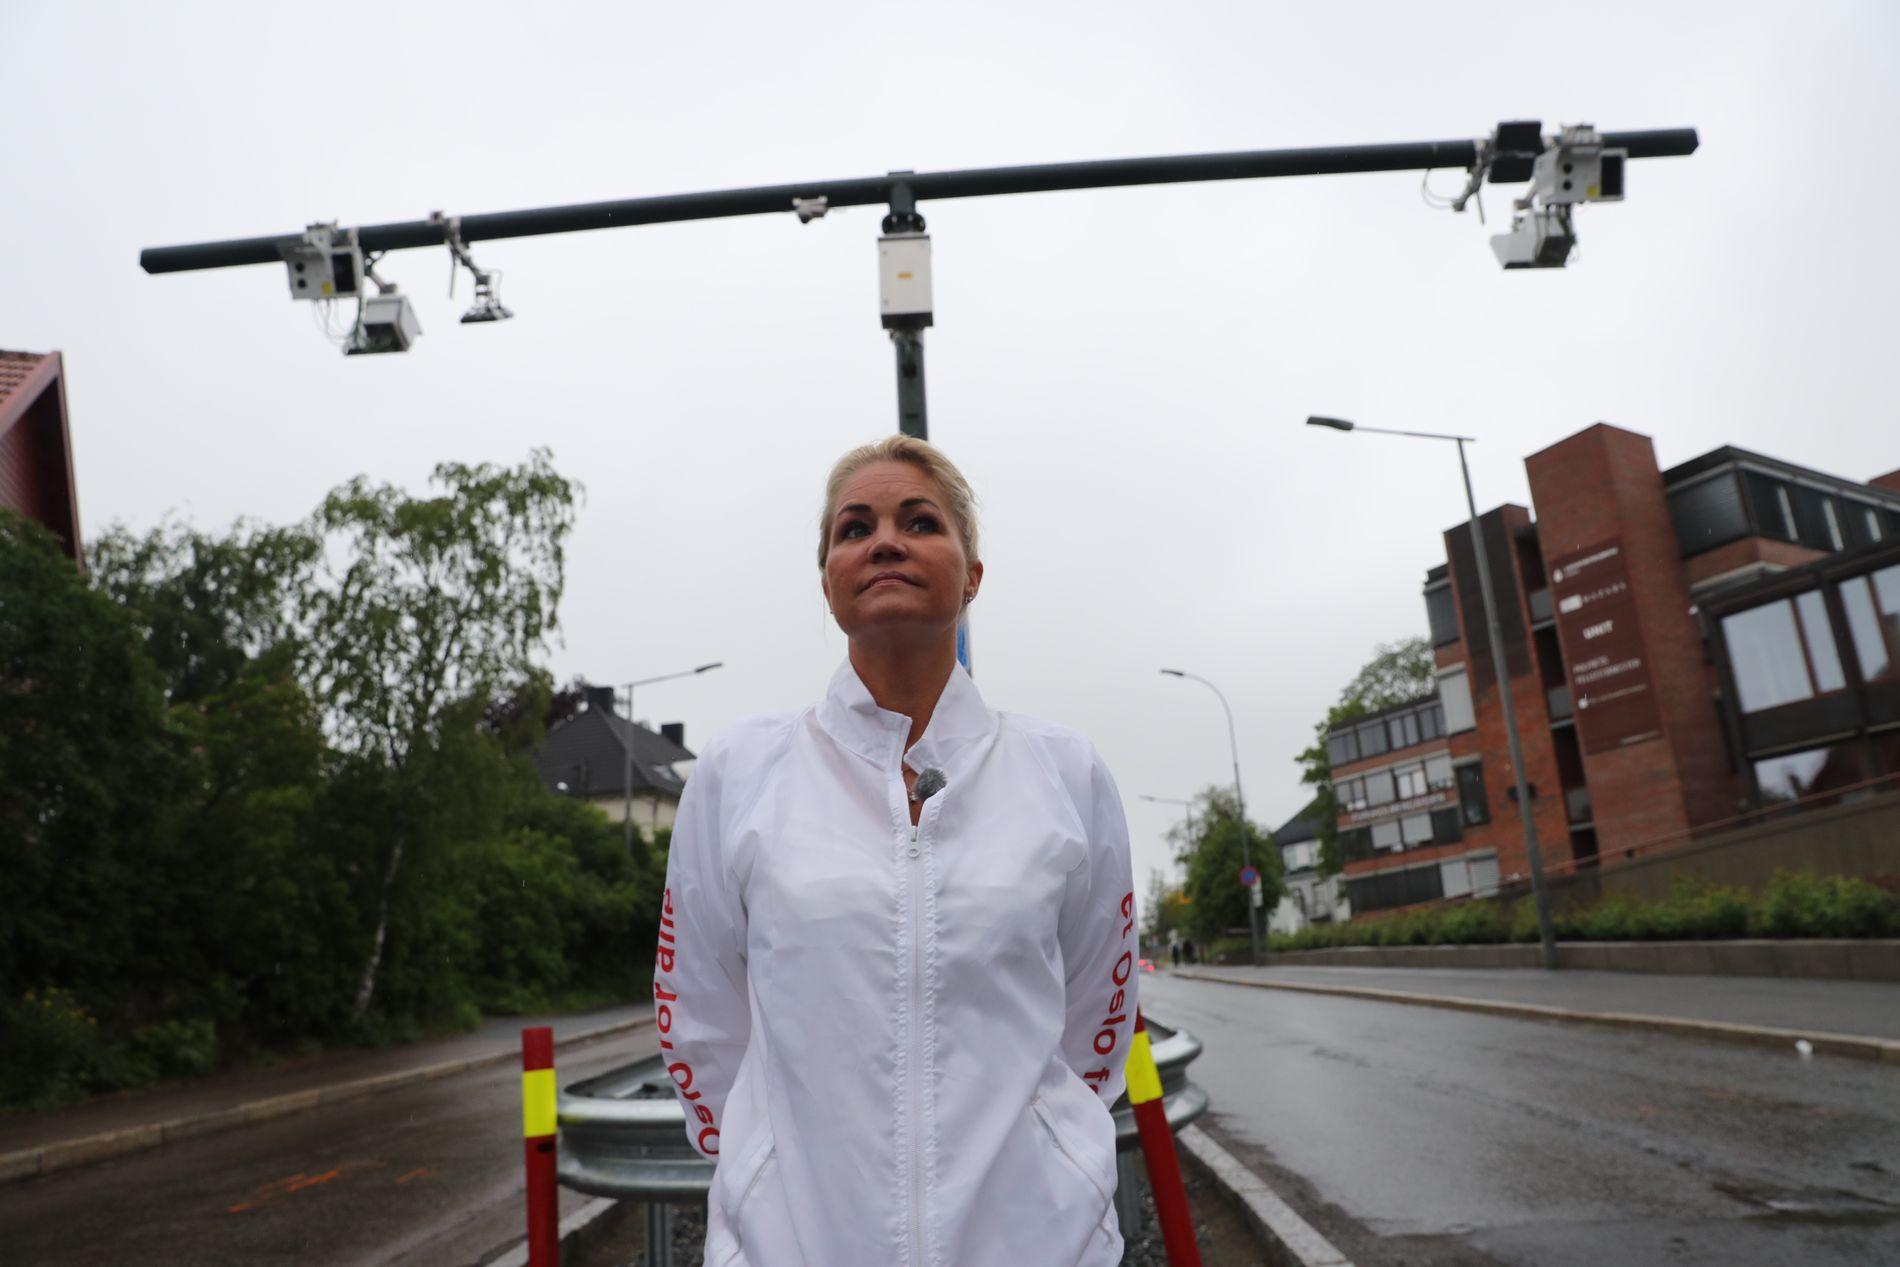 BOM-BOOM: Et eksempel på de mange nye bomstasjonene i den nye, indre bomringen i Oslo. Cecilie Lyngby fra bompengeaksjonen/bompengepartiet er en av mange som har protestert mot bommene som Fjellinjen har ansvaret for.